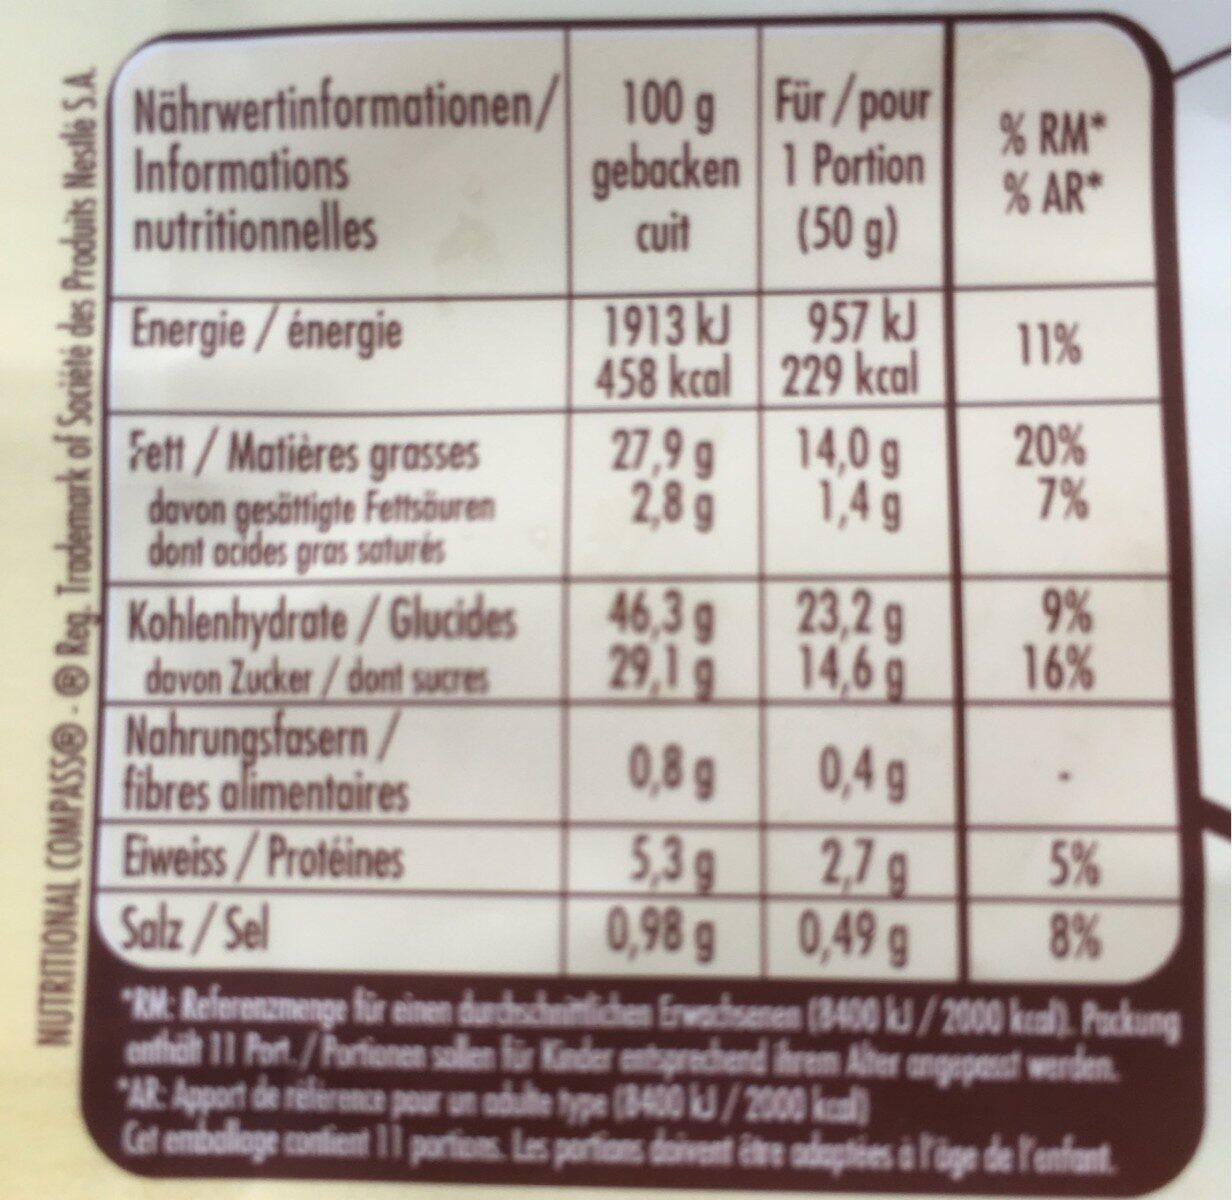 Création pâte liquide - Nutrition facts - fr